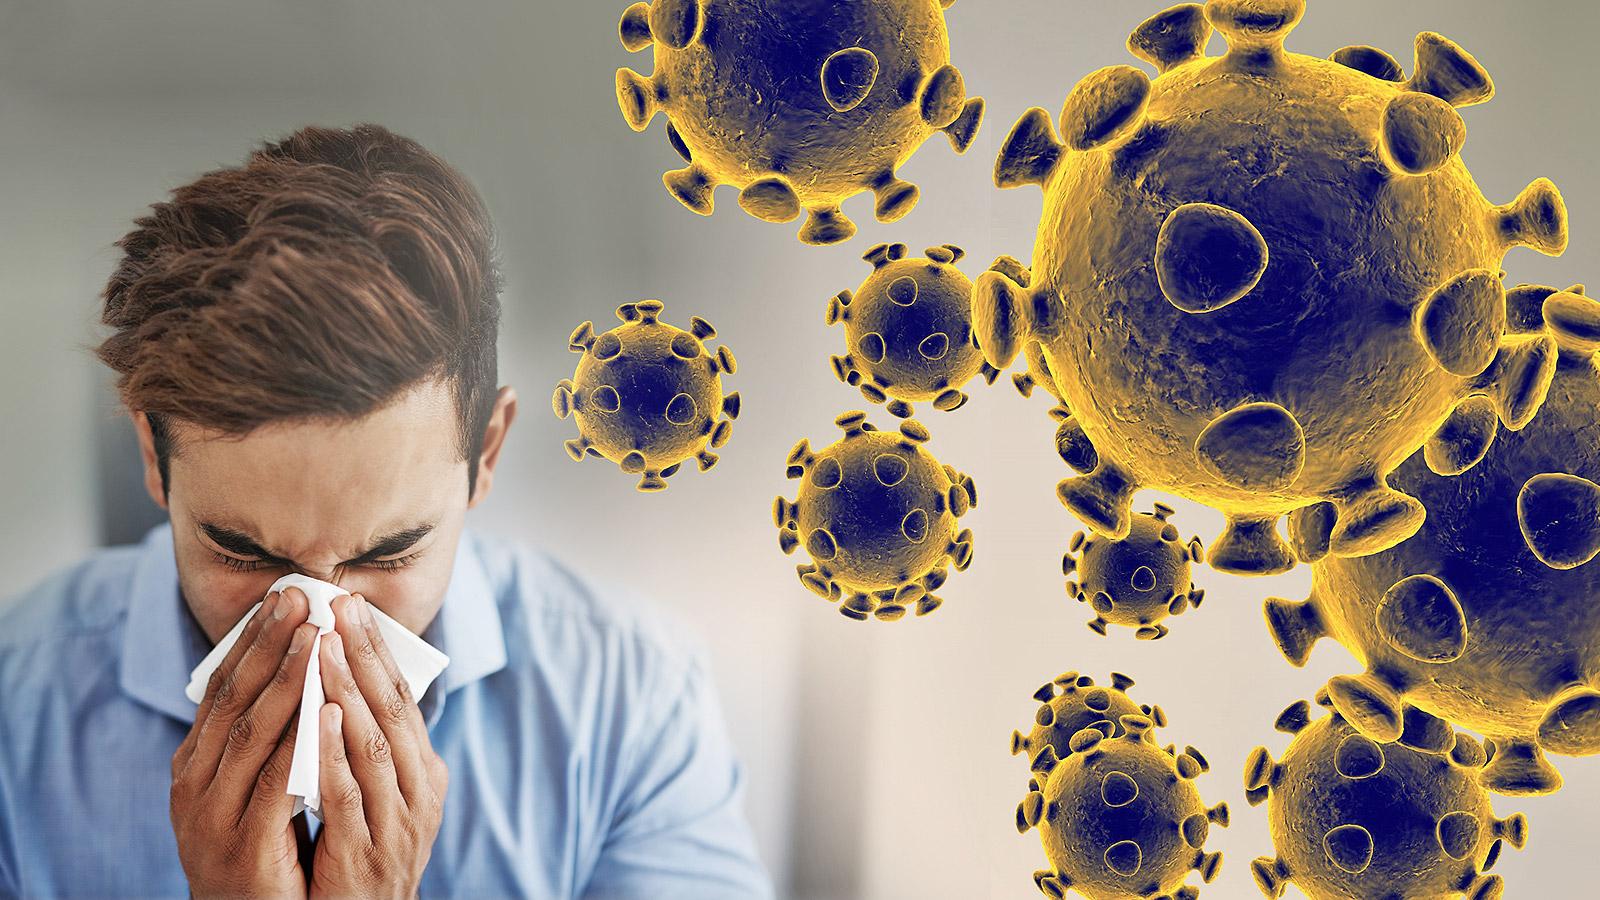 """كل ما يجب القيام به لحماية نفسك من مرض فيروس """"كورونا""""؟"""